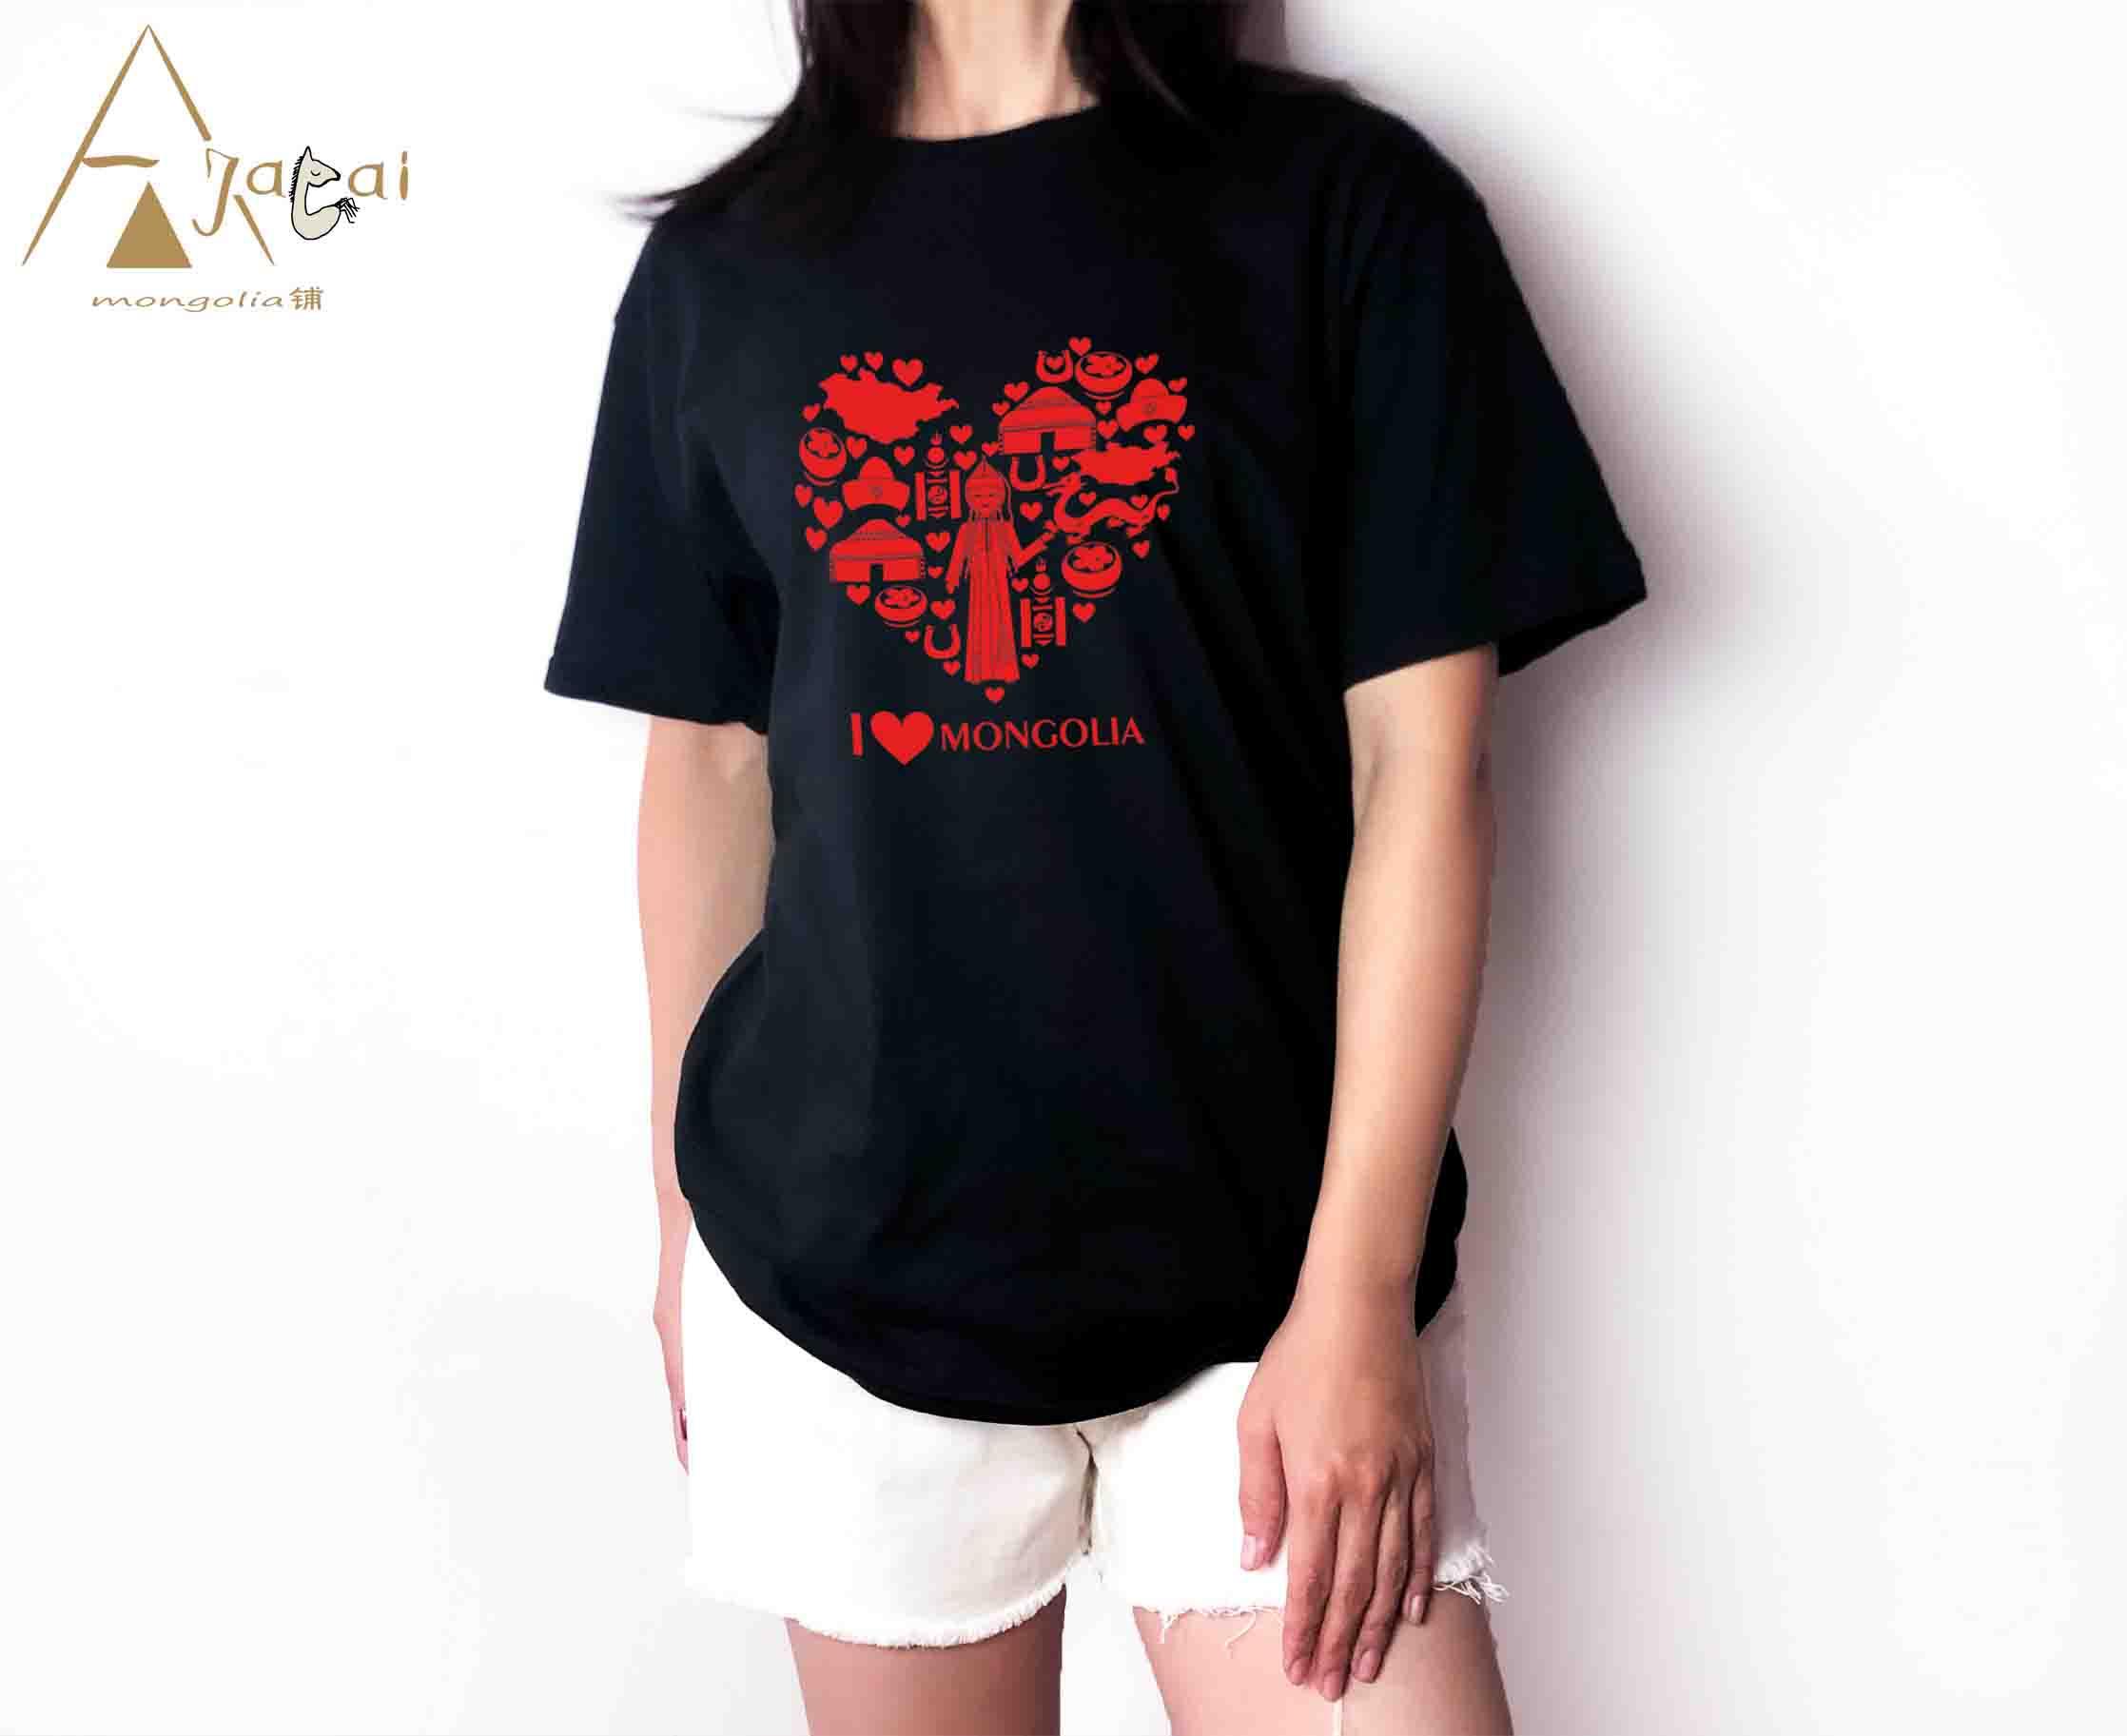 2020阿吉太新款民族风格春夏纯棉短袖个性定制蒙古元素男女T恤